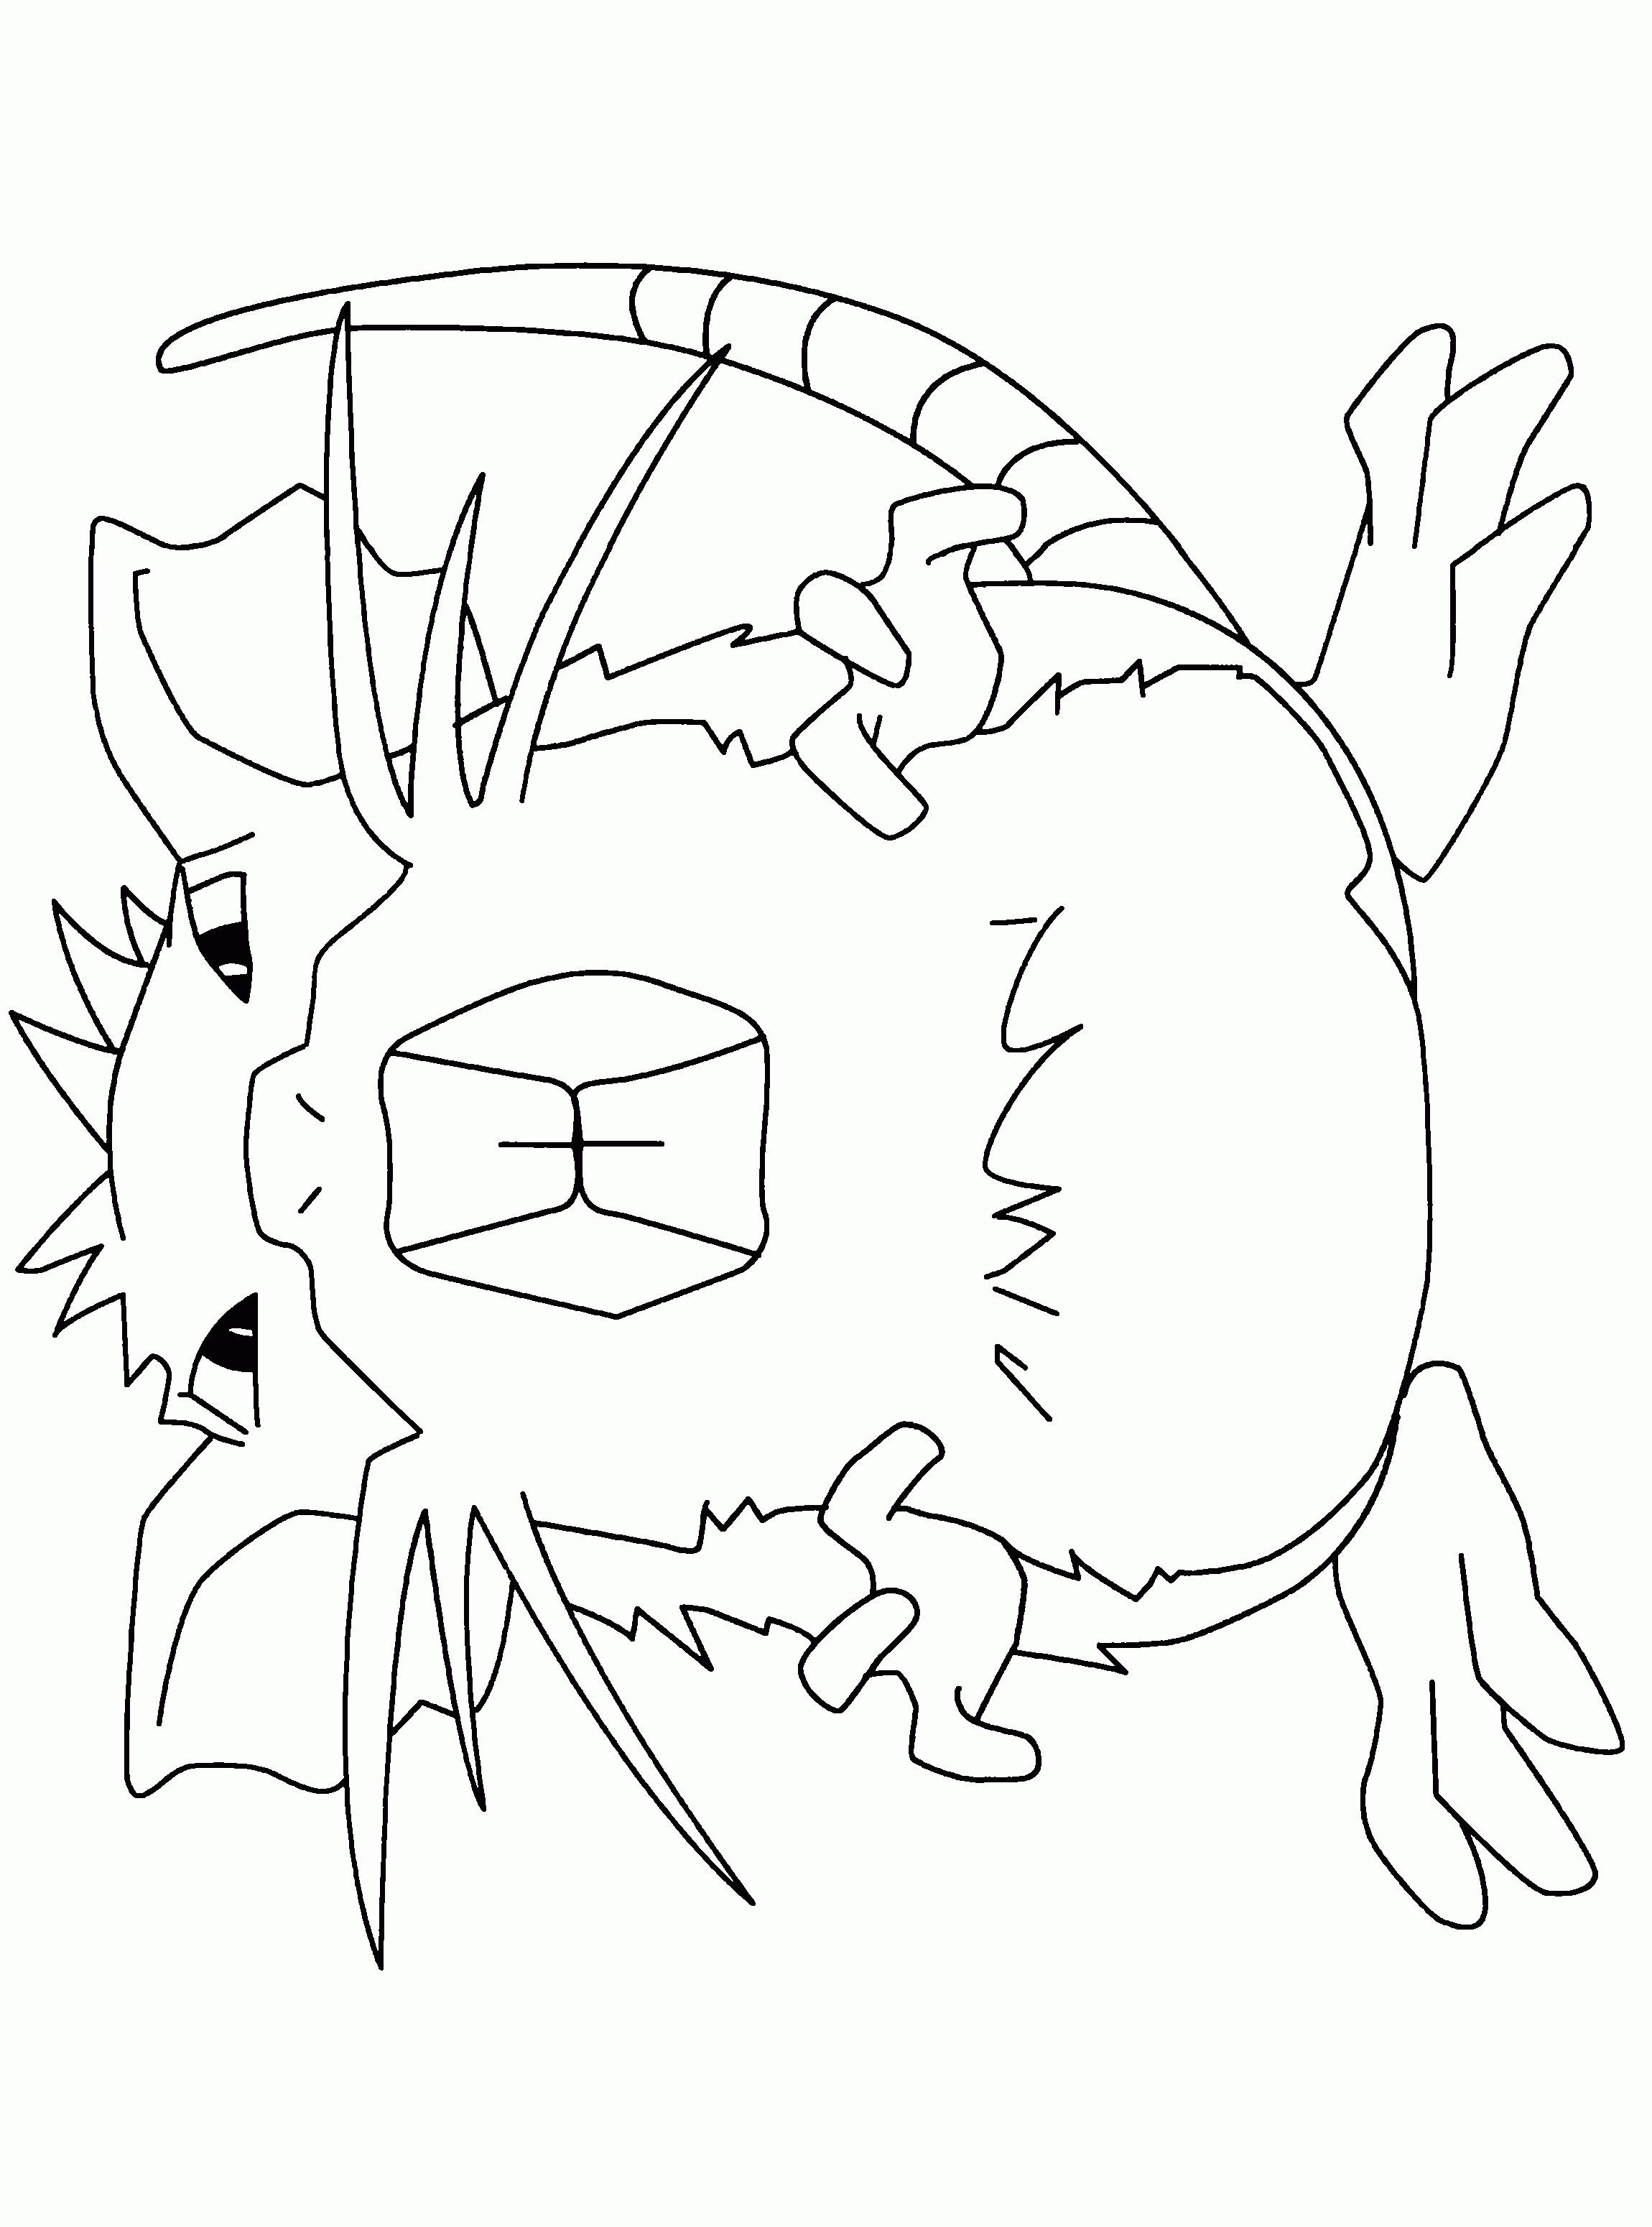 Ausmalbilder Pokemon Kostenlos Ausdrucken Inspirierend Malvorlagen Malvorlagen Pokemon Das Bild